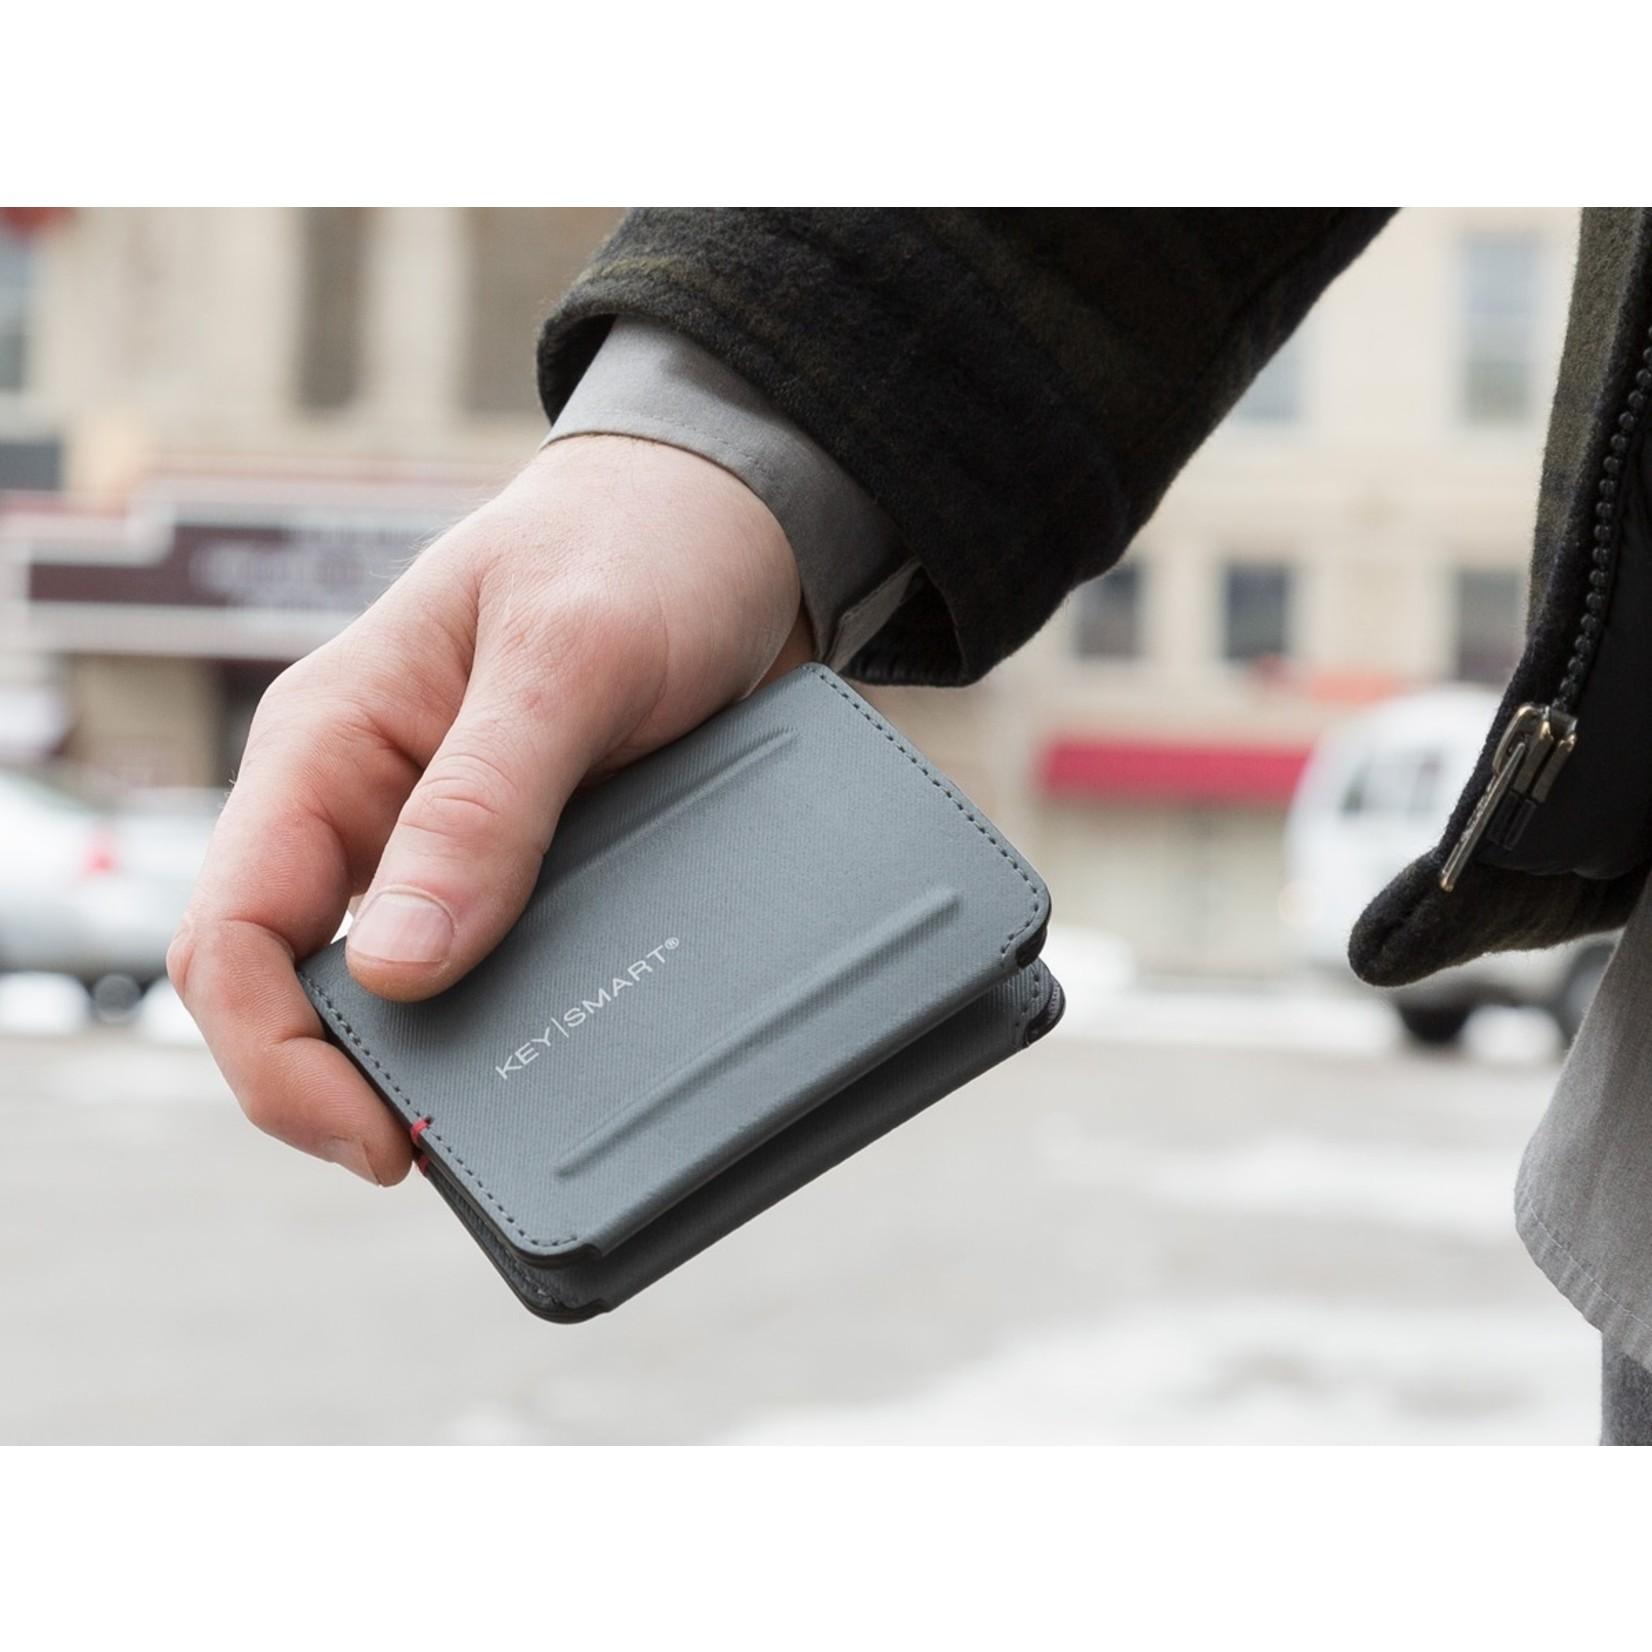 KeySmart KeySmart Urban Bi-Fold portemonnee grijs